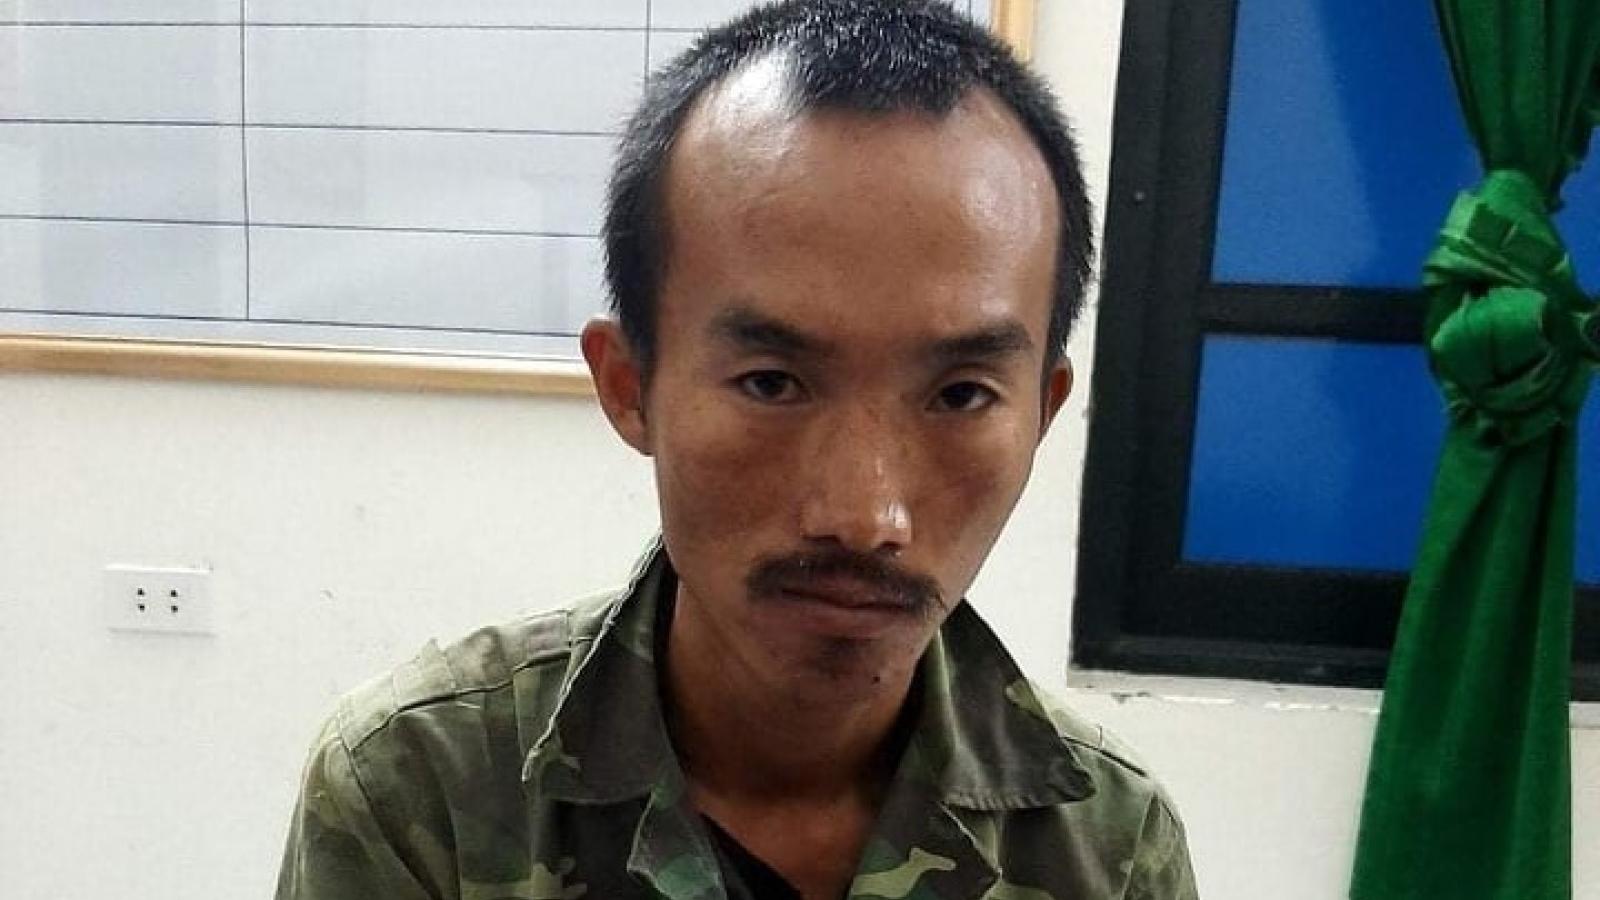 Bị vây bắt, nhóm buôn ma túy nổ súng khiến 1 cán bộ biên phòng bị thương